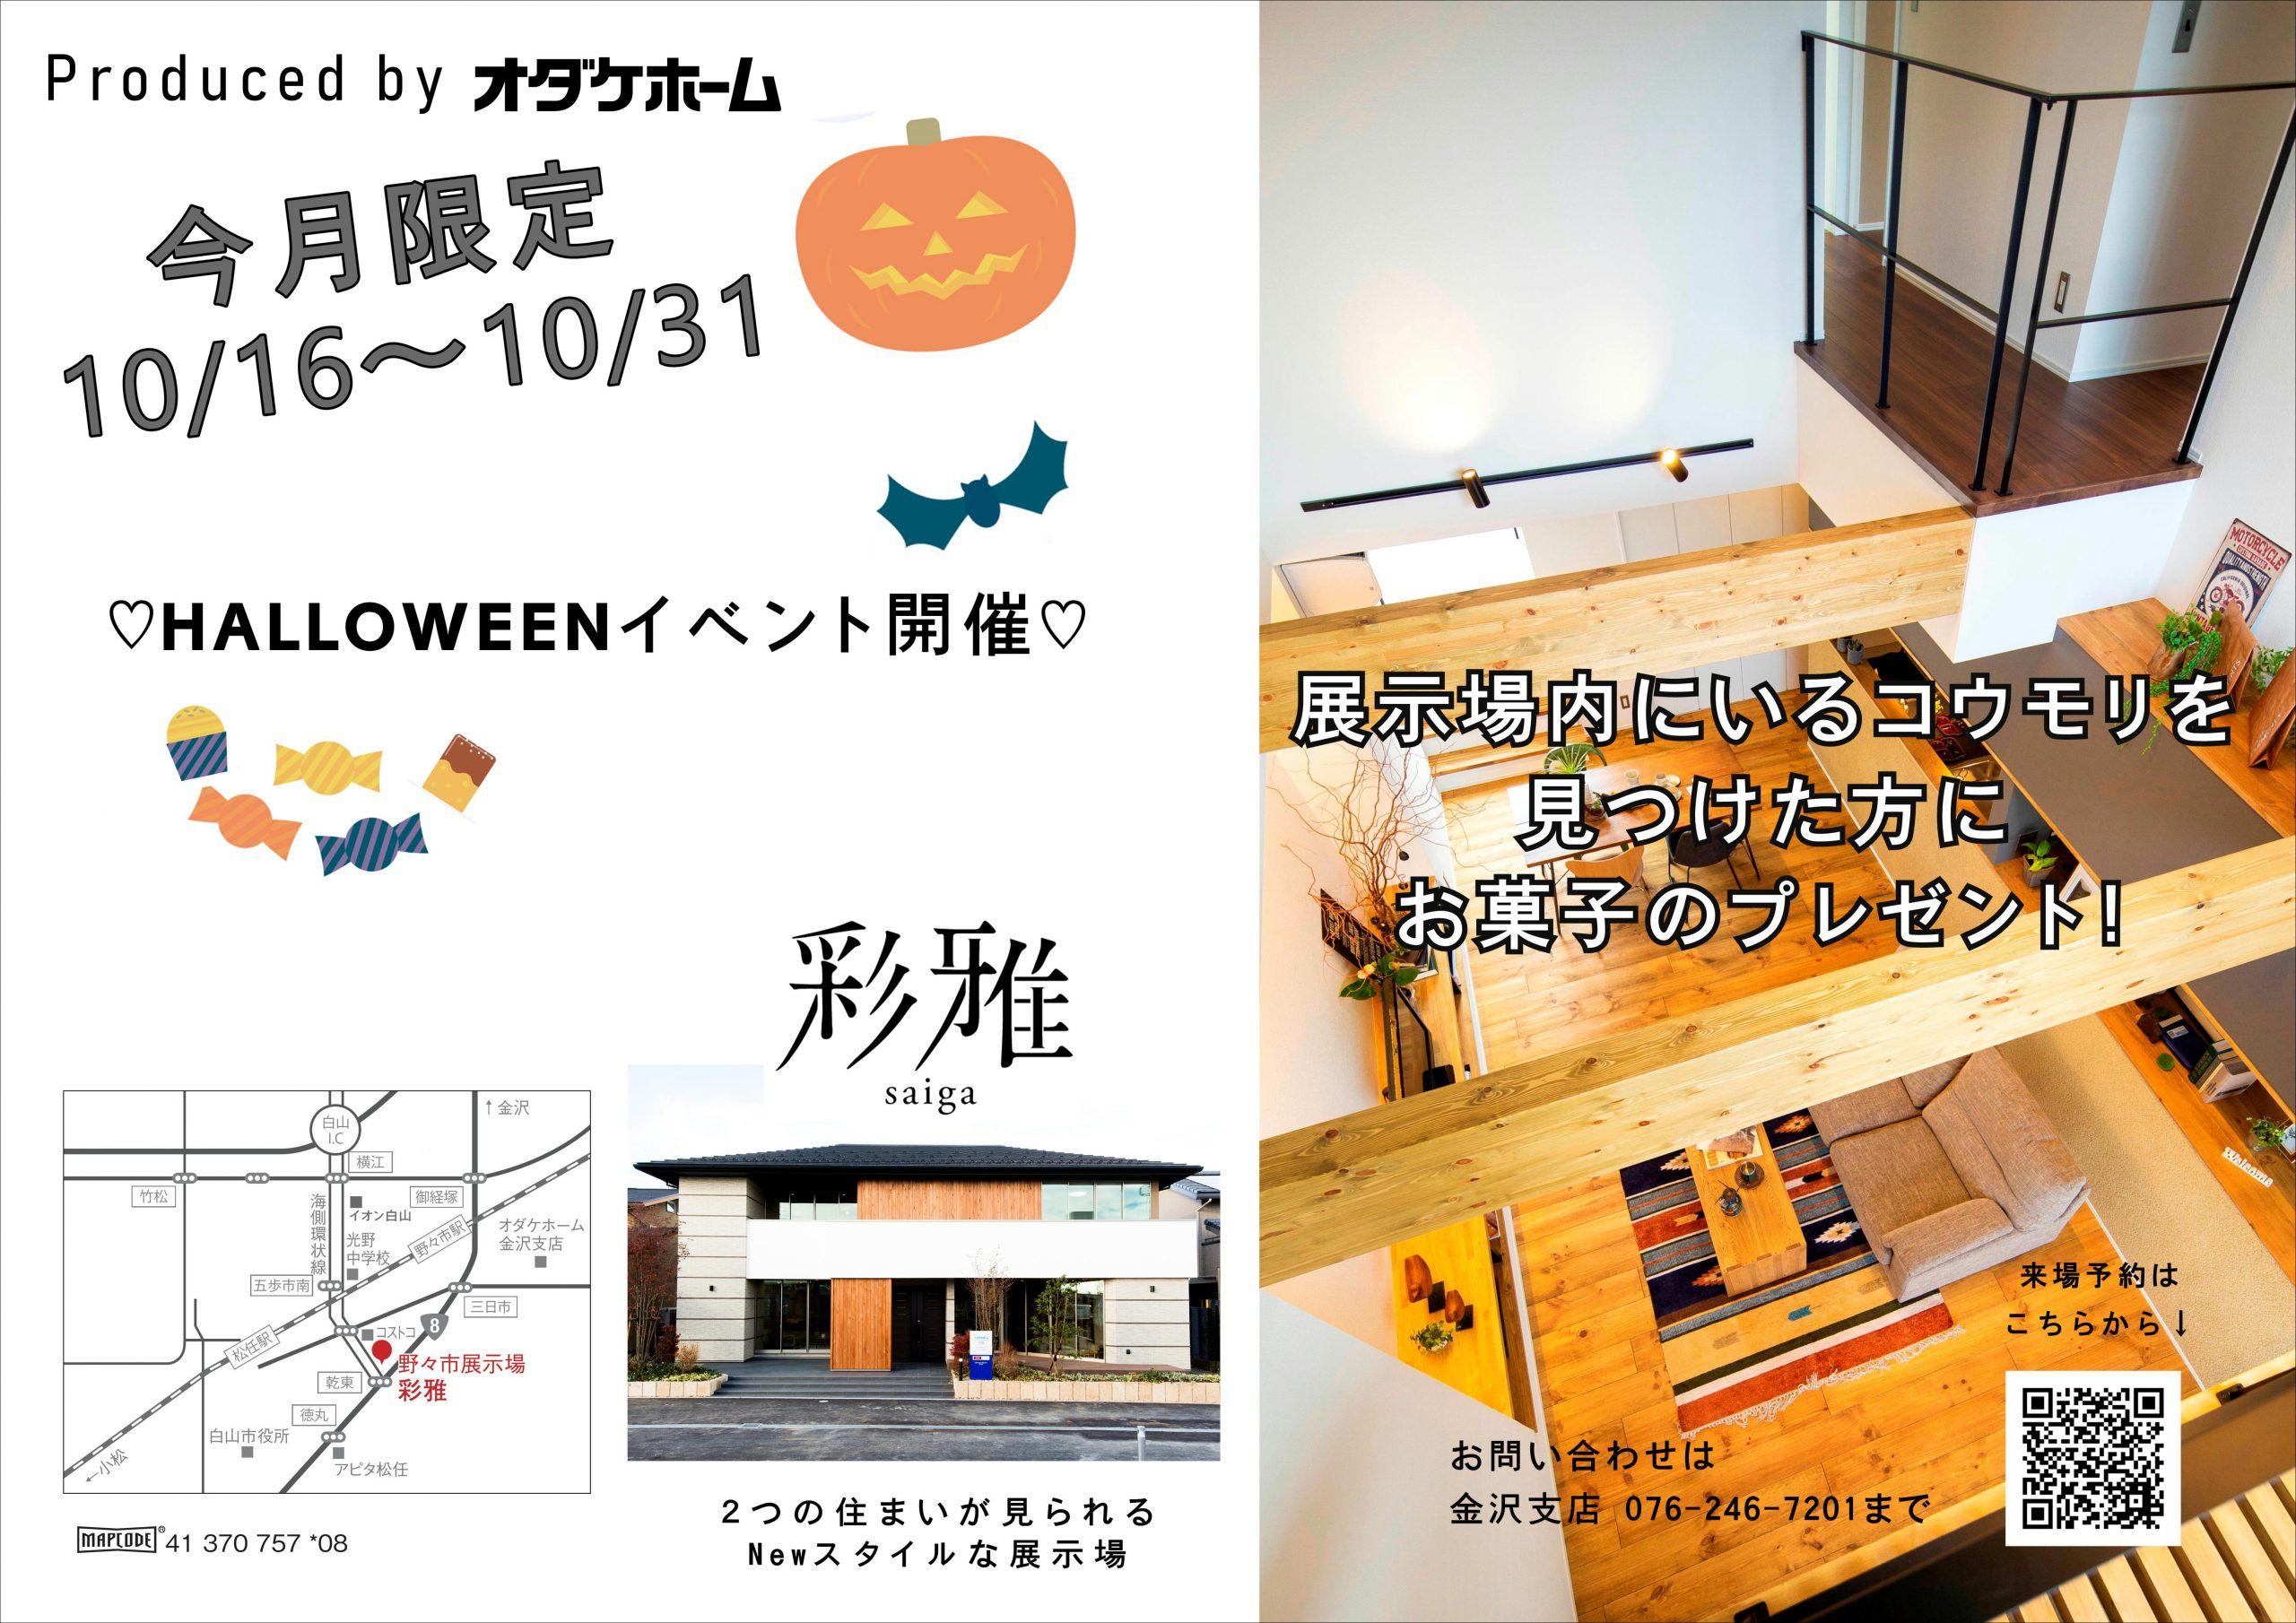 10/16(土)~10/31(日)野々市展示場「彩雅saiga」ご来場キャンペーン!